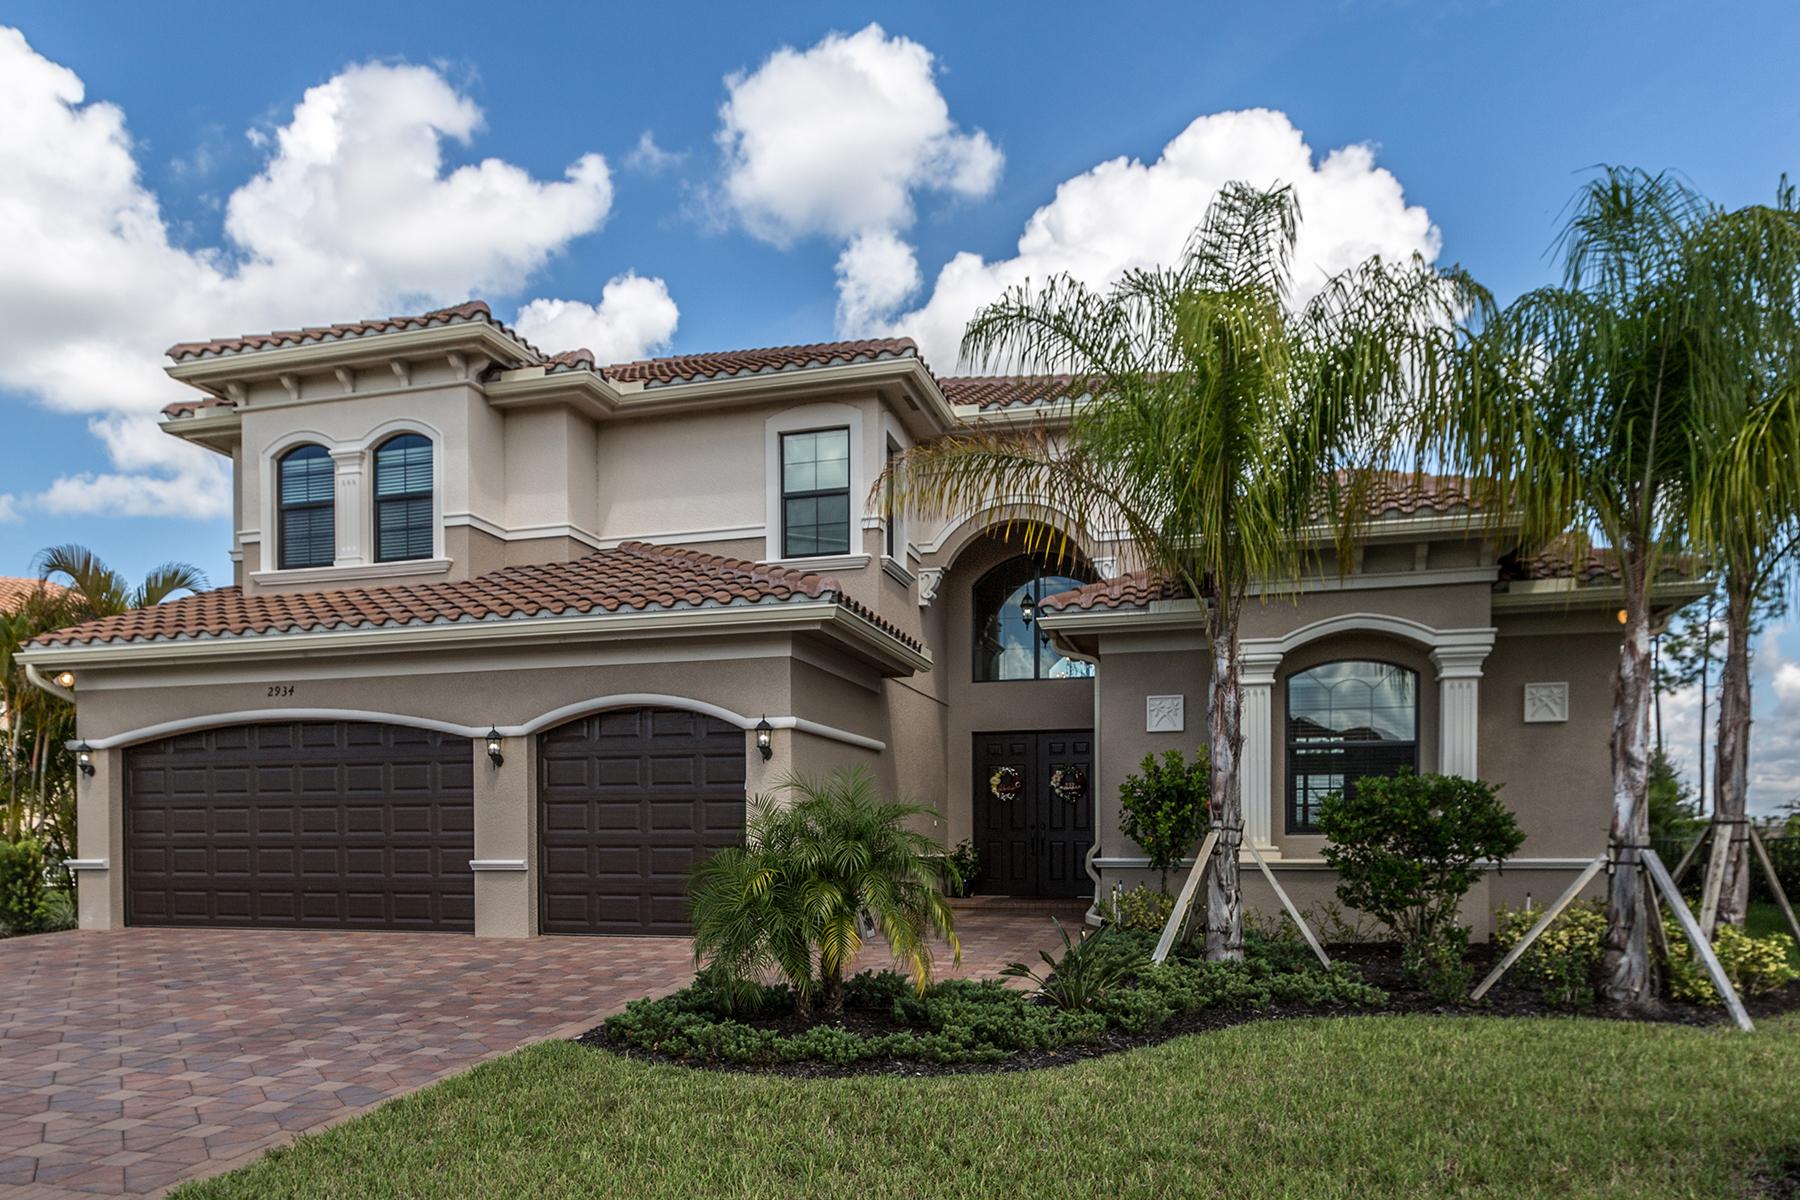 Maison unifamiliale pour l Vente à RIVERSTONE 2934 Cinnamon Bay Cir Naples, Florida, 34119 États-Unis